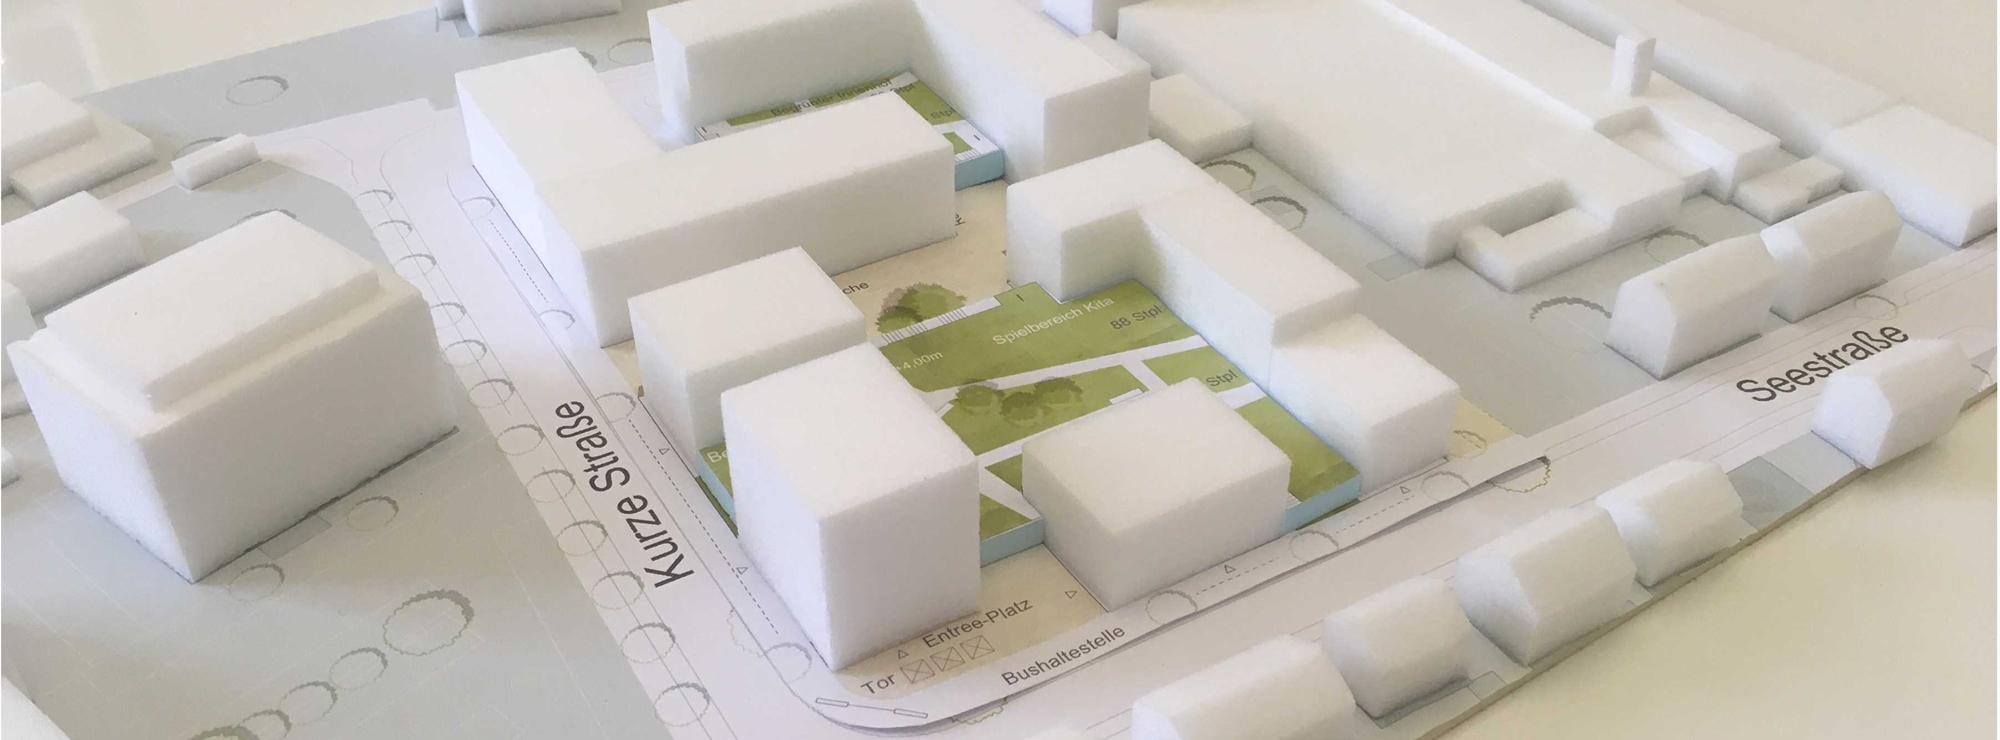 Brenzquartier_Heidenheim_Rahmenplan_Wohnen_Modell_ppas